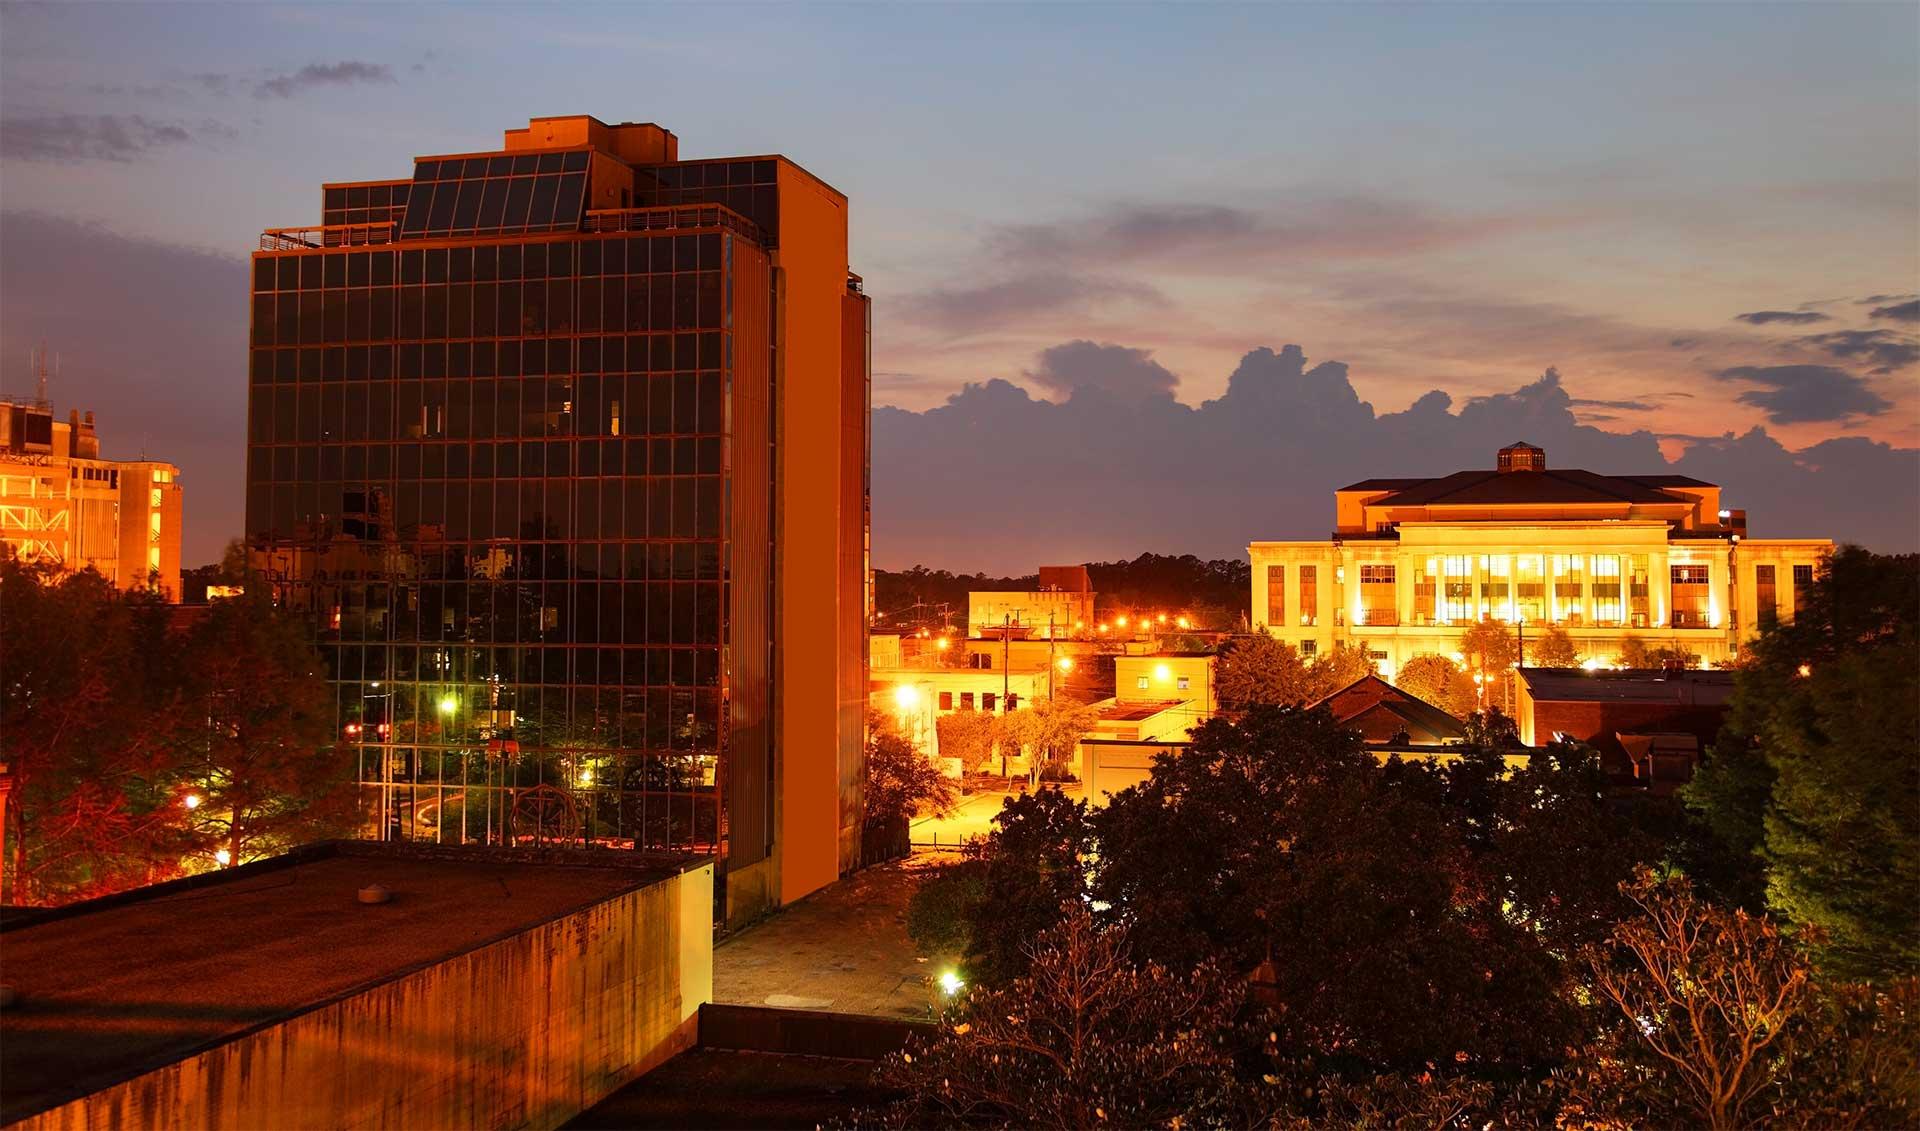 Downtown Lafayette, Louisiana